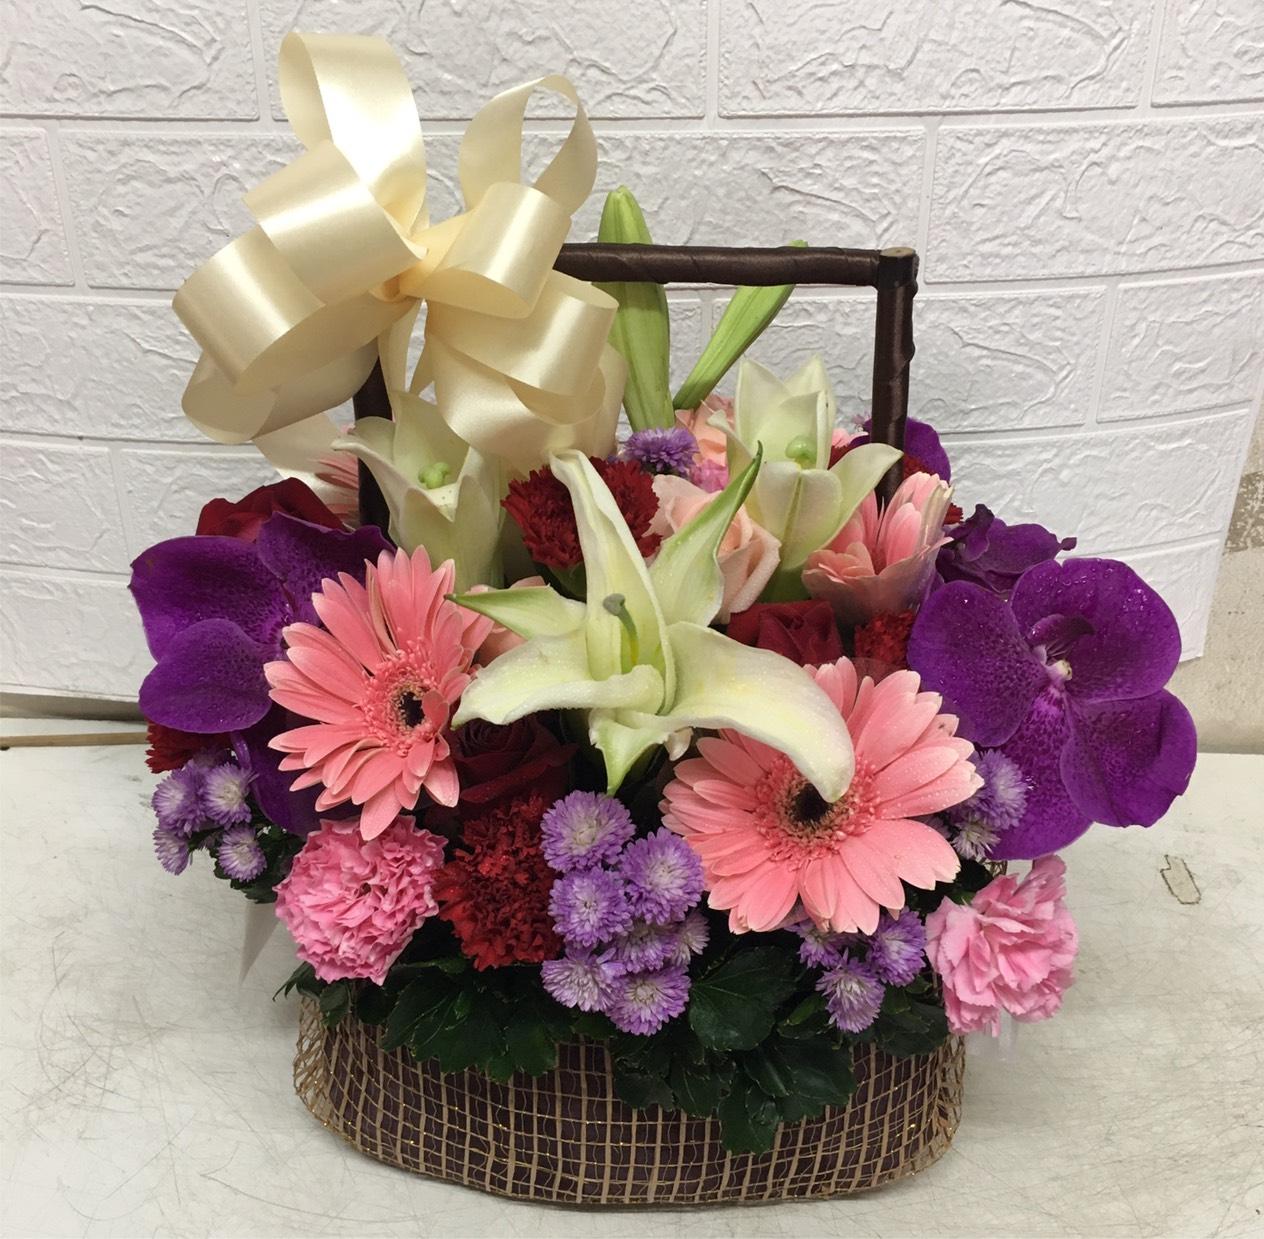 กระเช้าดอกไม้โทนสีหวาน มอบแทนความรู้สึกดี ๆ ให้กับคนที่คุณรักและนึกถึงสิคะ